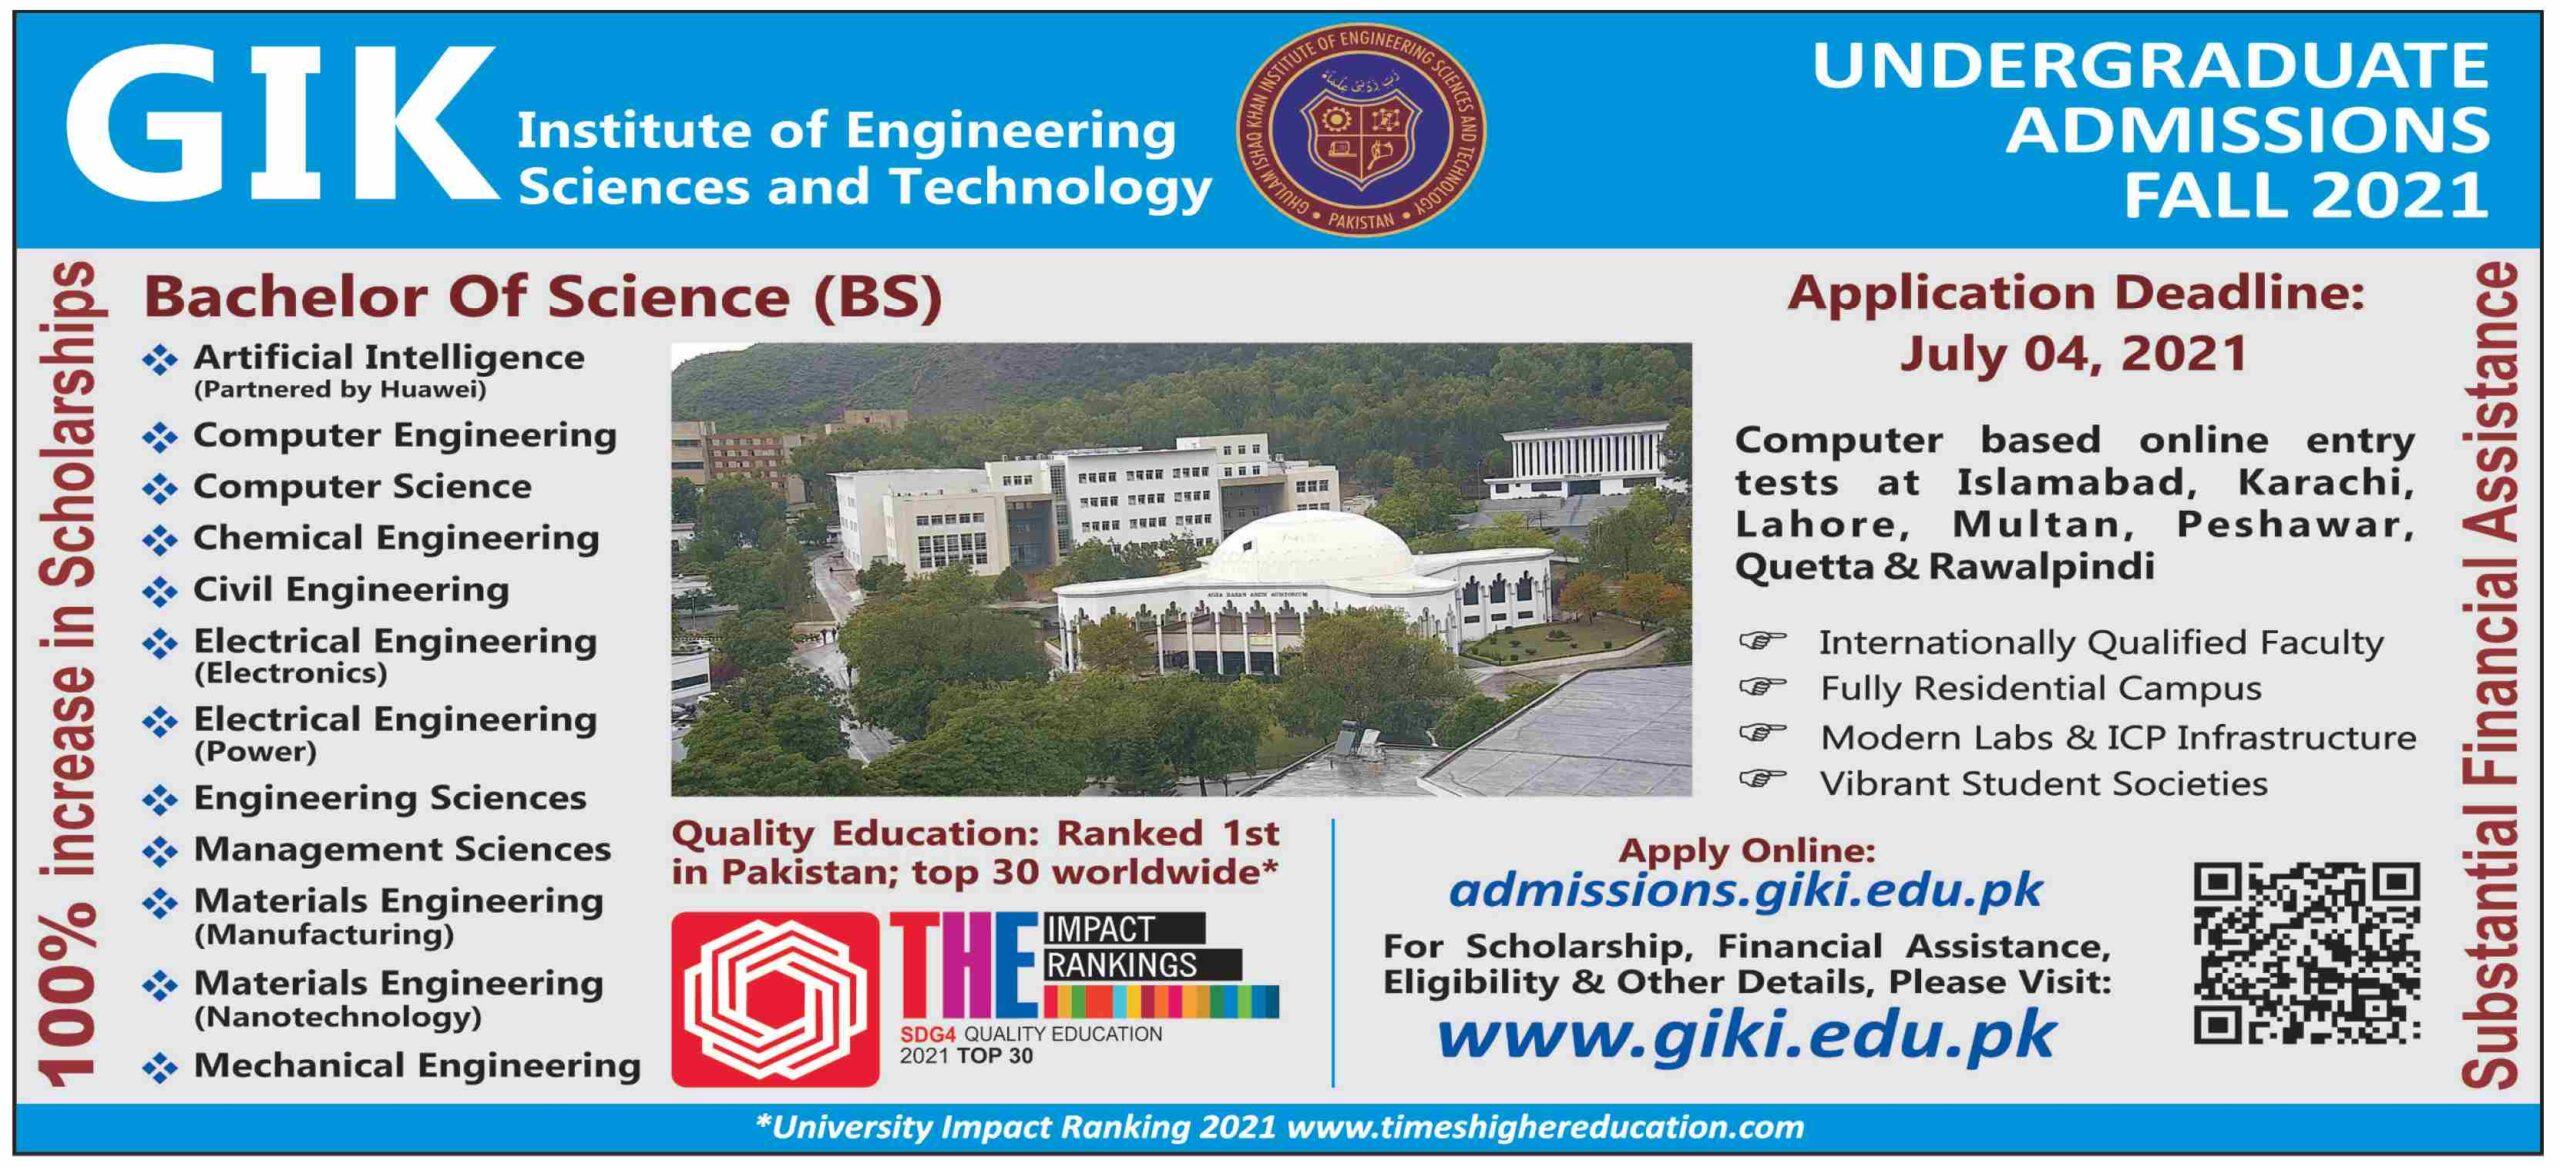 GIK Undergraduate Admissions 2021